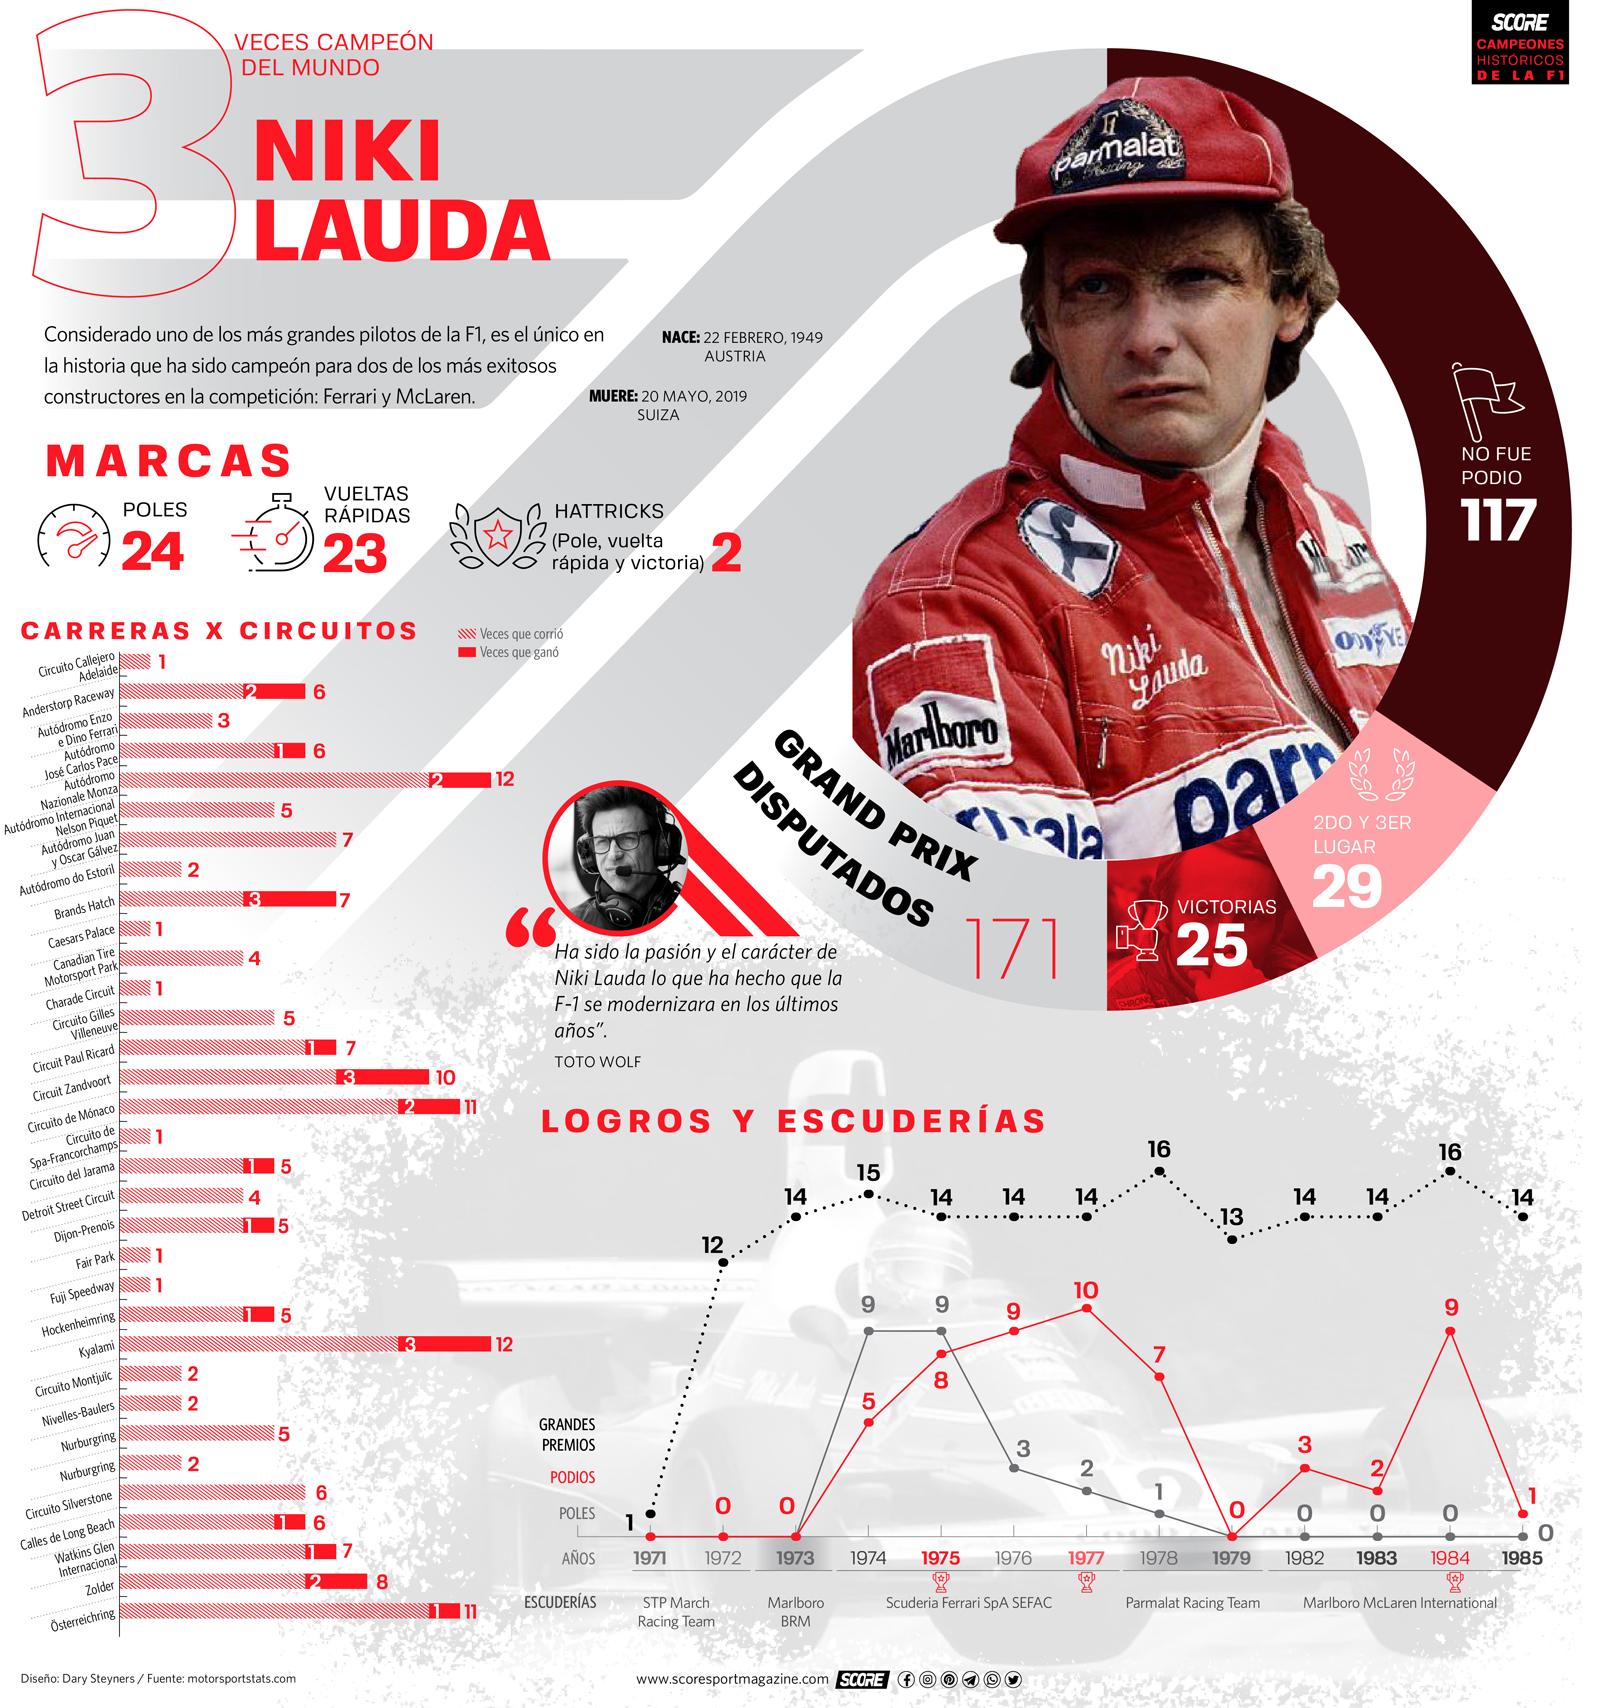 Niki Lauda-Serie de infografías de Campeones Históricos de la Fórmula 1